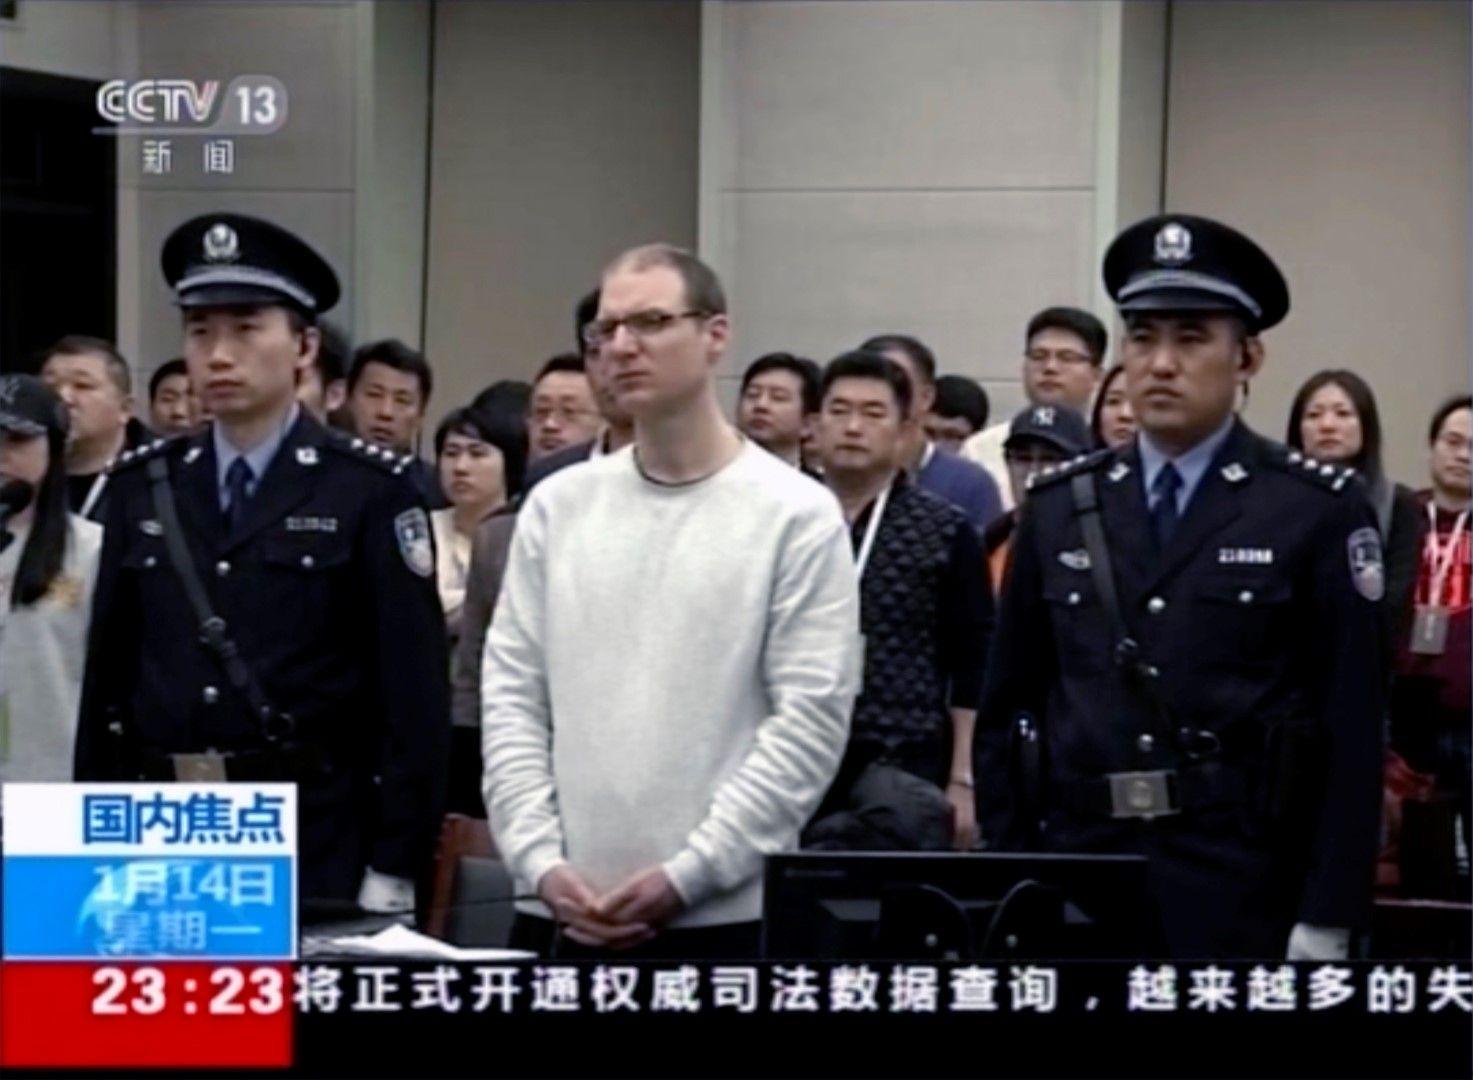 Съдът произнесе смътна присъда срещу канадеца Робърт Лойд Шеленбърг